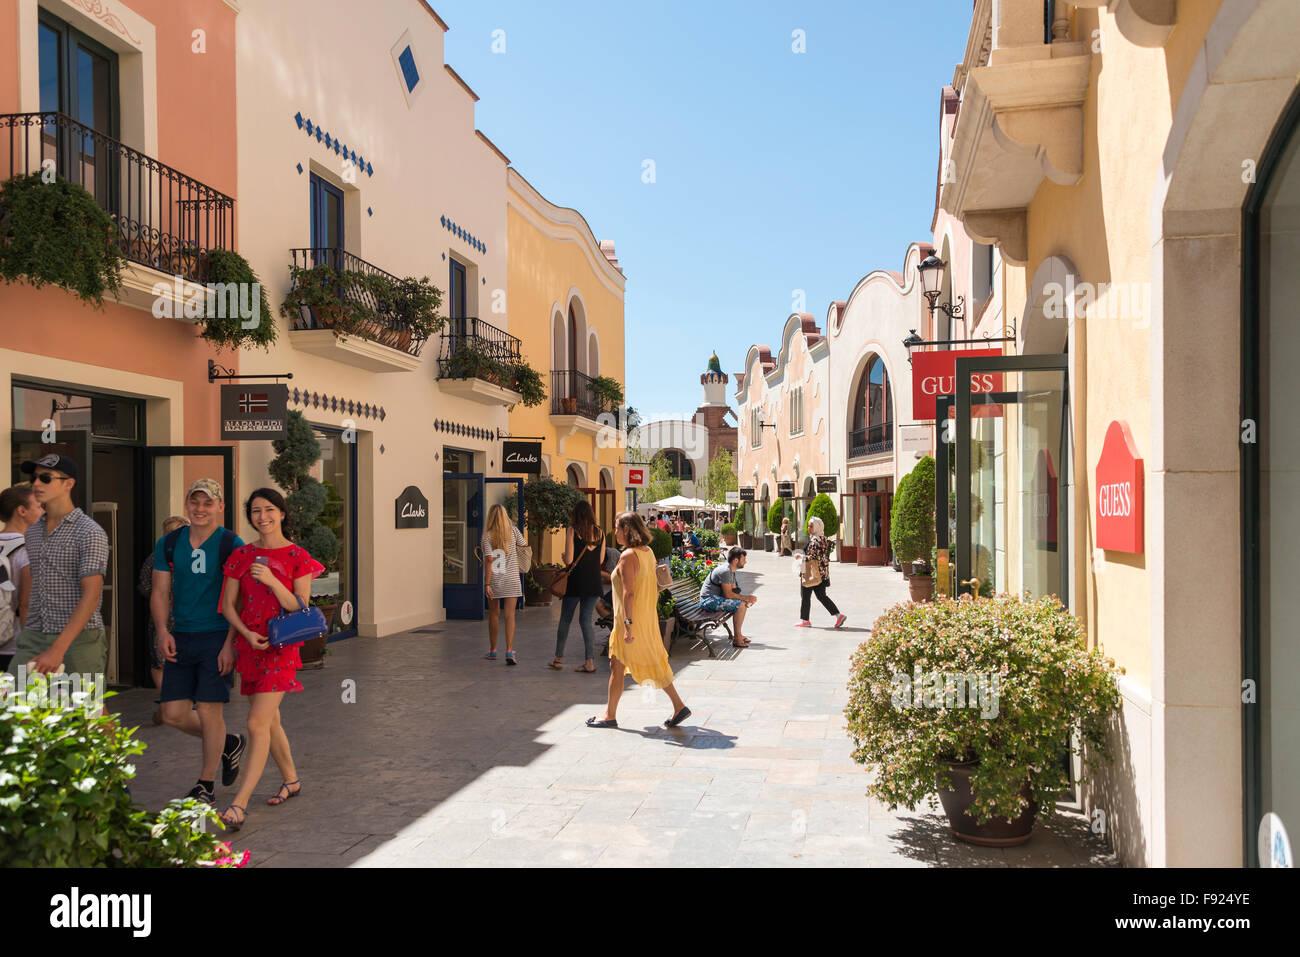 La Roca Village Outlet Shopping (diseñador), La Roca del Vallès, Barcelona, provincia de Barcelona, Cataluña, Imagen De Stock